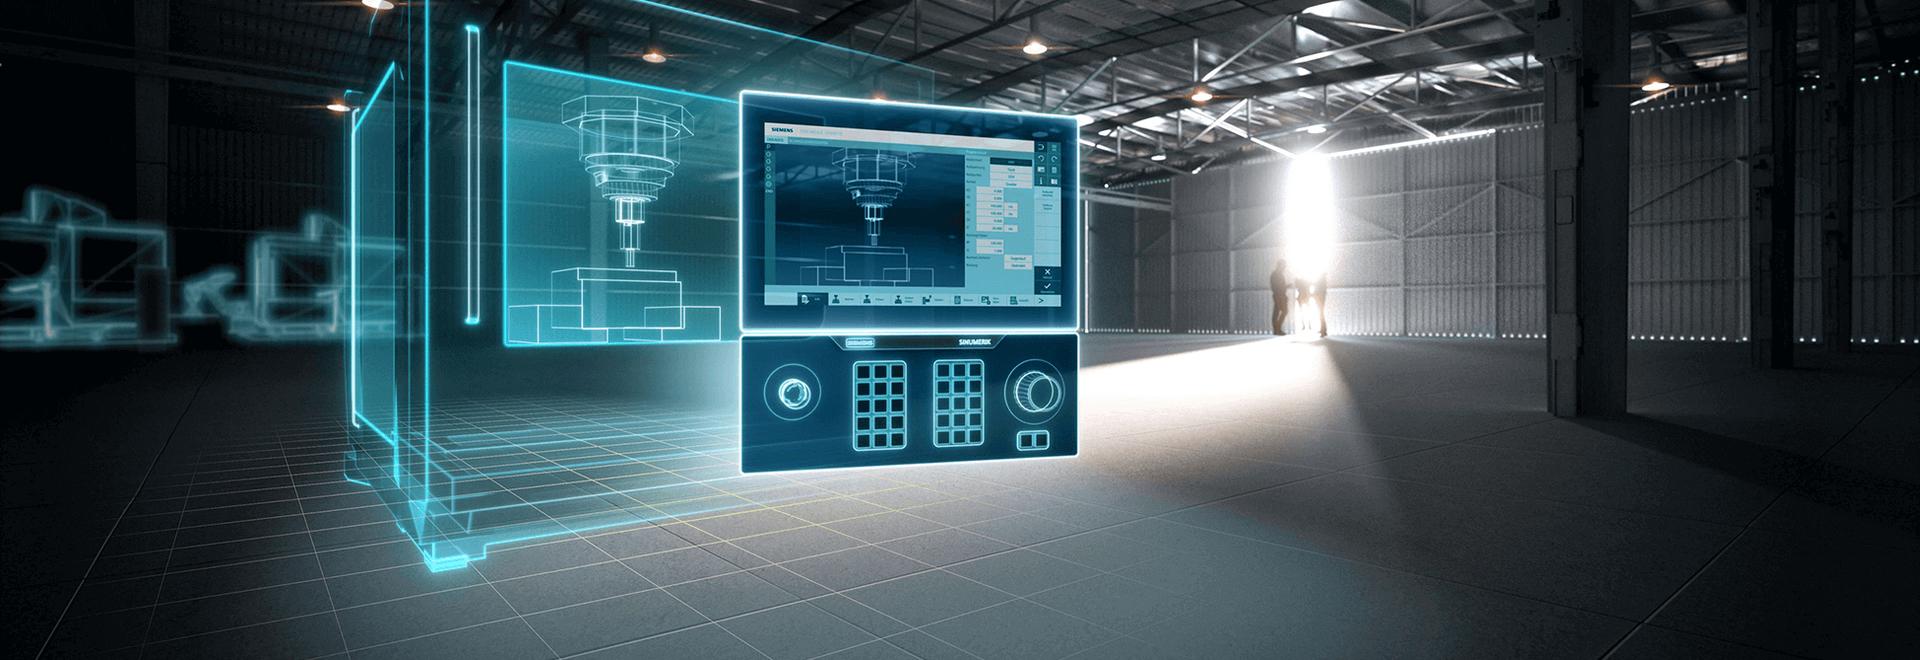 Siemens führt Sinumerik One CNC-Lösung ein